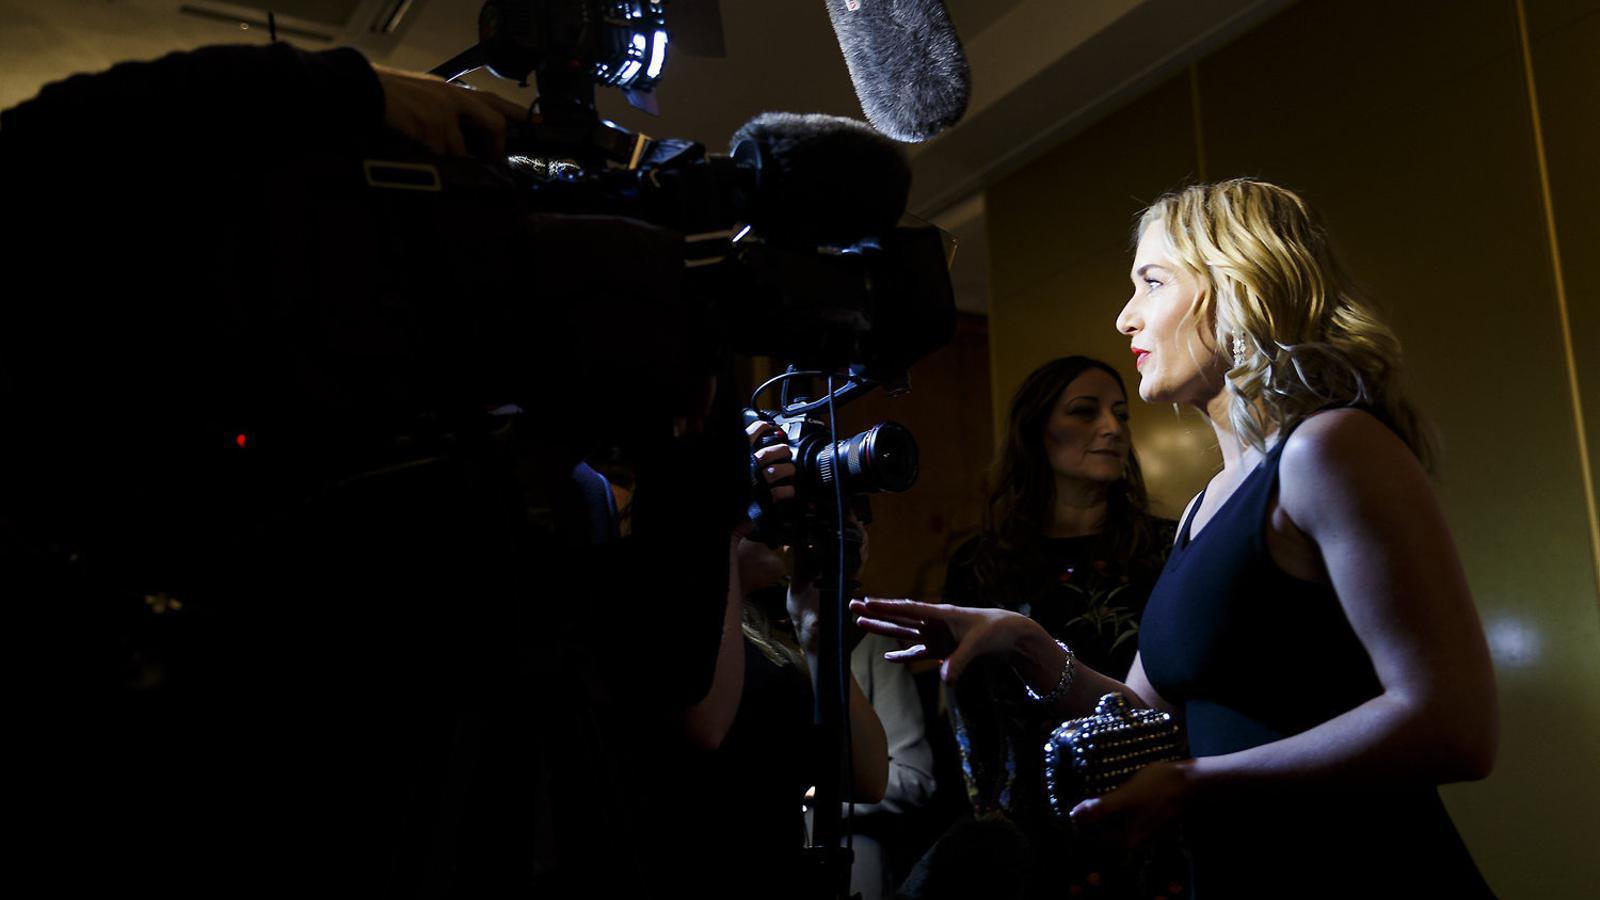 Les 'celebrities' es conjuren per no amagar la realitat del postpart